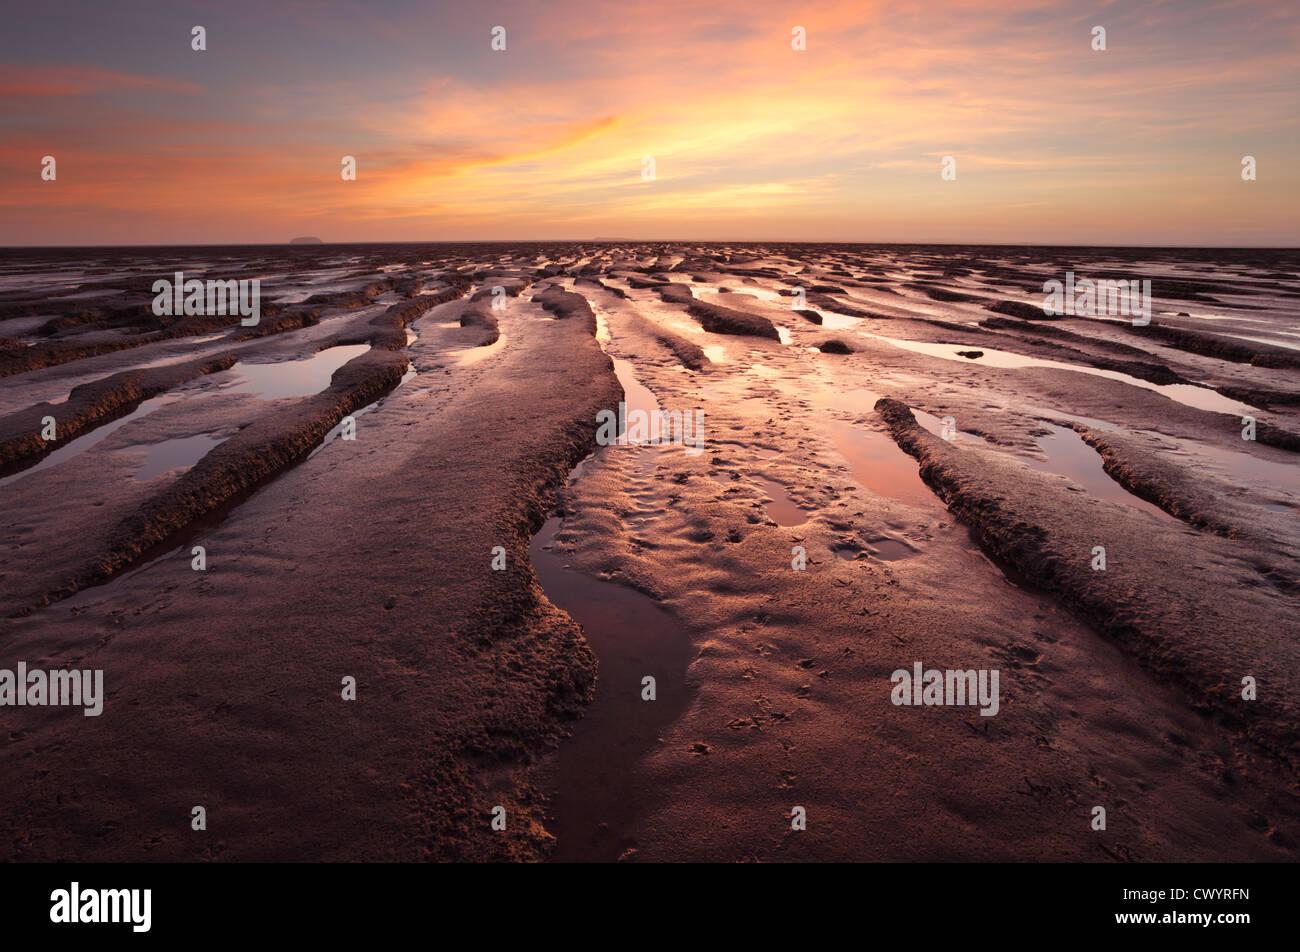 Velme presso la baia di sabbia vicino a Weston-super-Mare. Somerset. In Inghilterra. Regno Unito. Immagini Stock